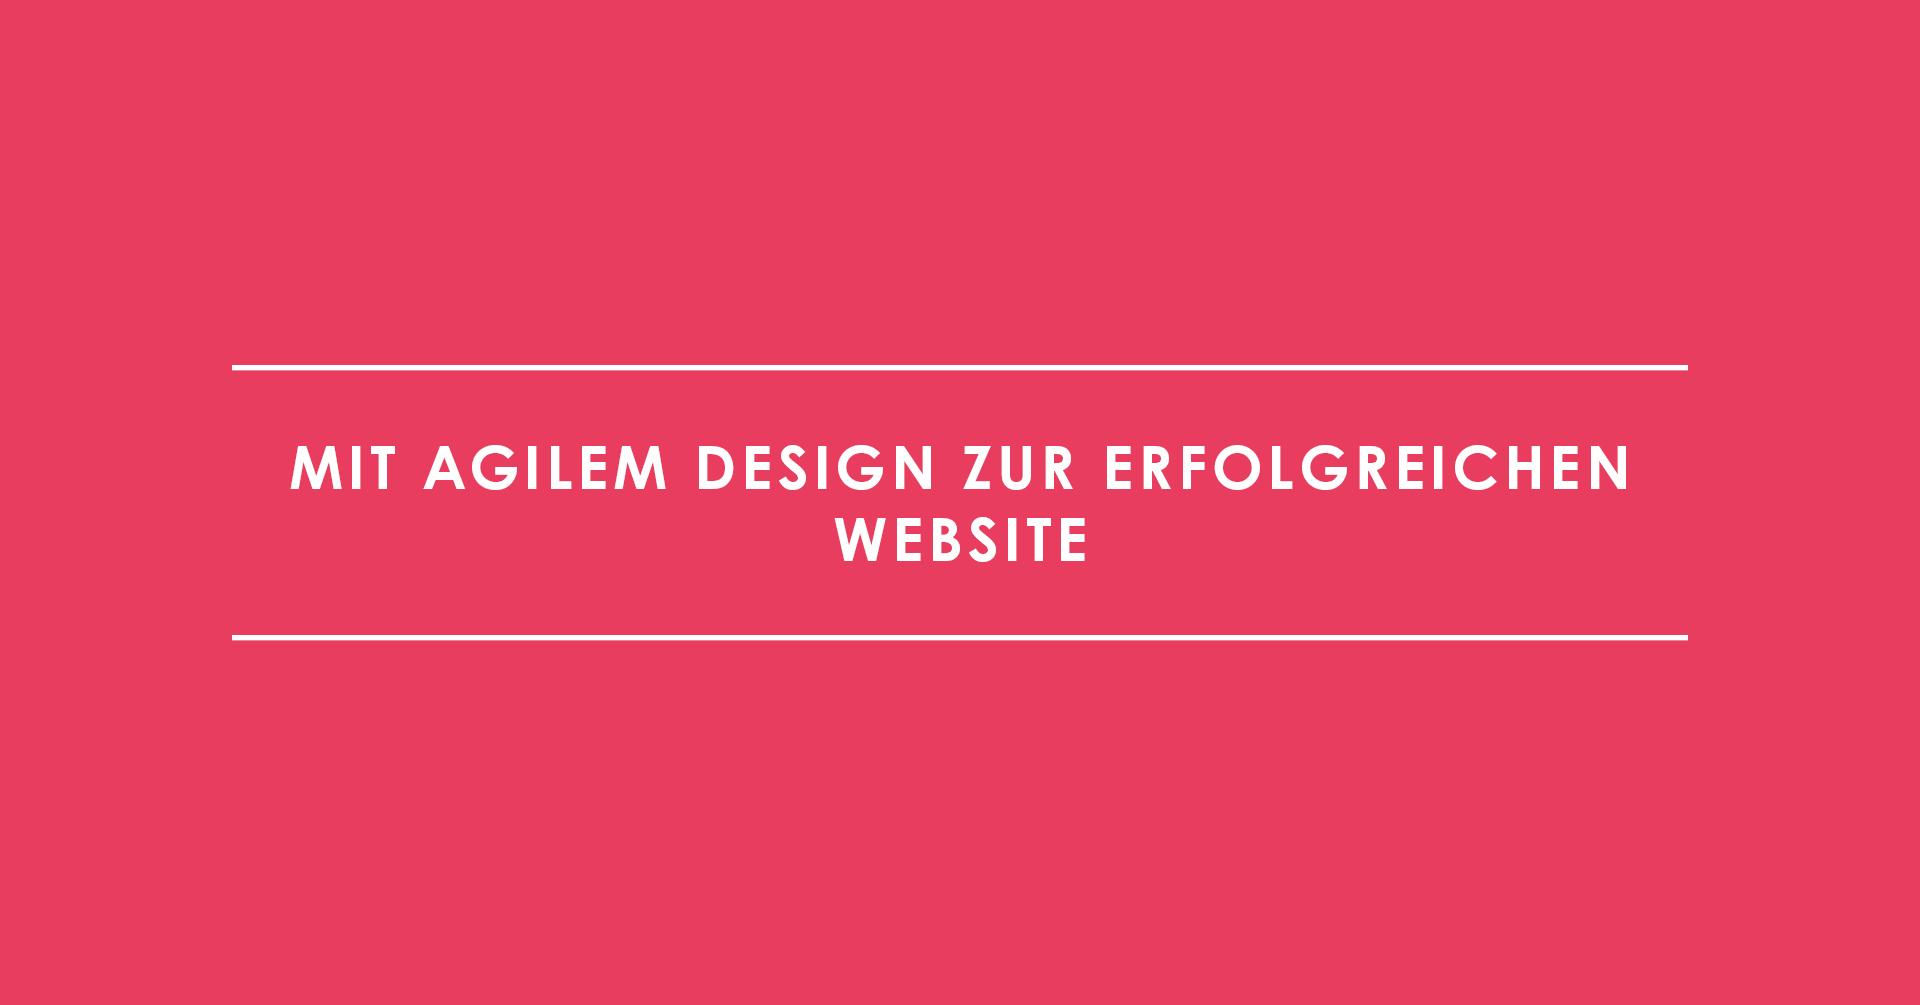 Growth-Driven Design – Mit agilem Design zur erfolgreichen Website